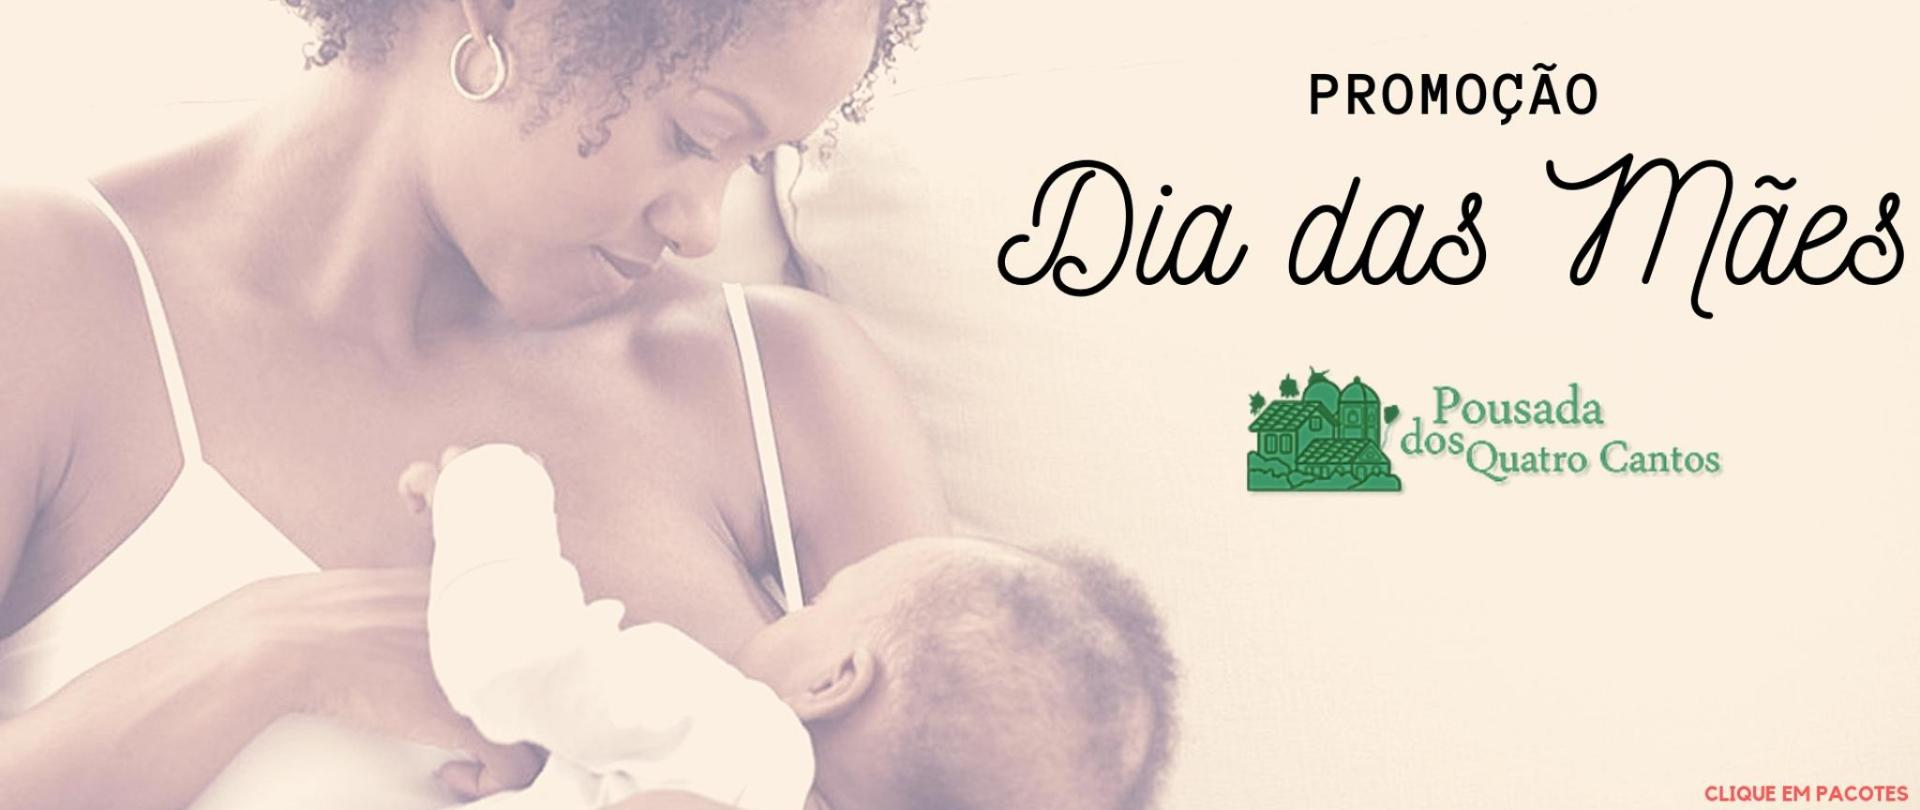 DIA DAS MÃES 19.jpg